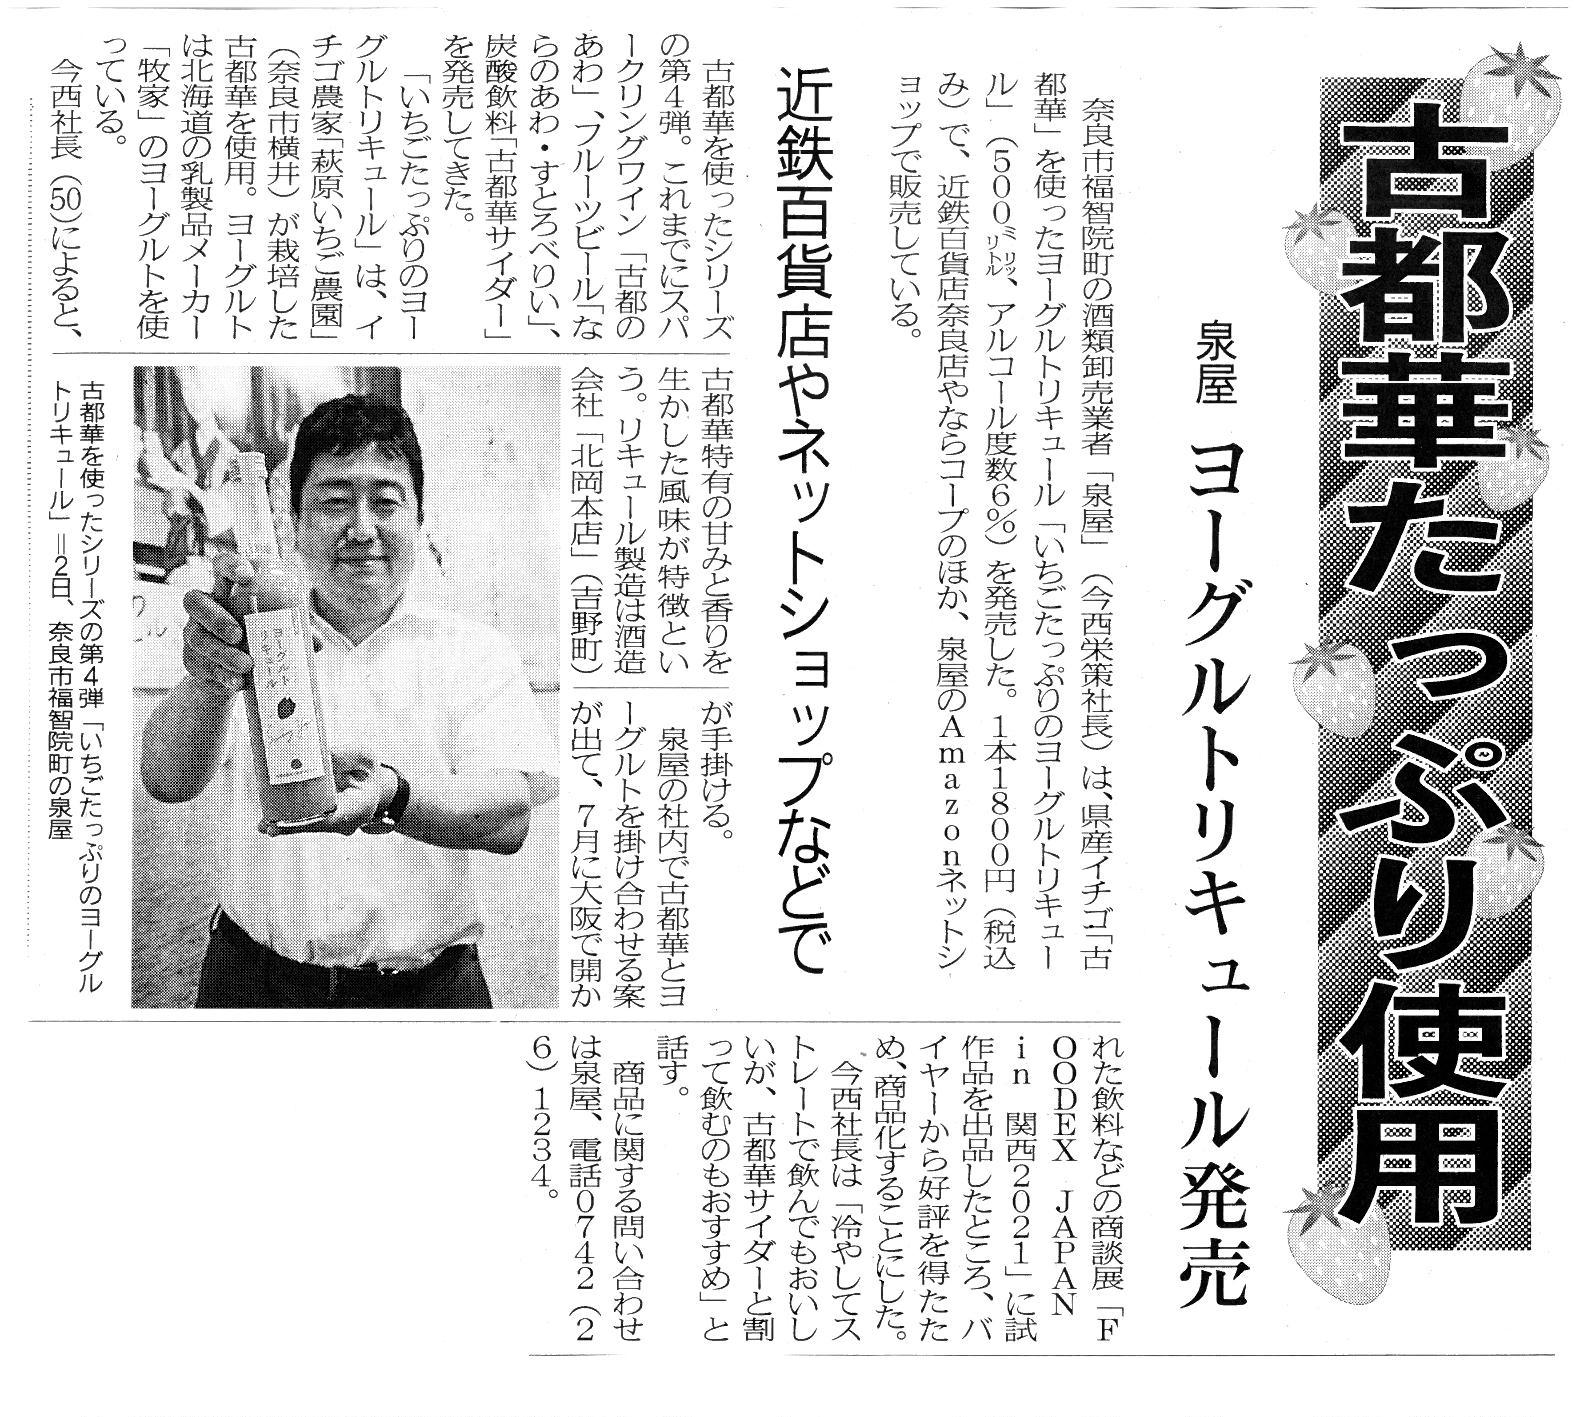 奈良新聞に『いちごたっぷりのヨーグルトリキュール』が紹介されました!